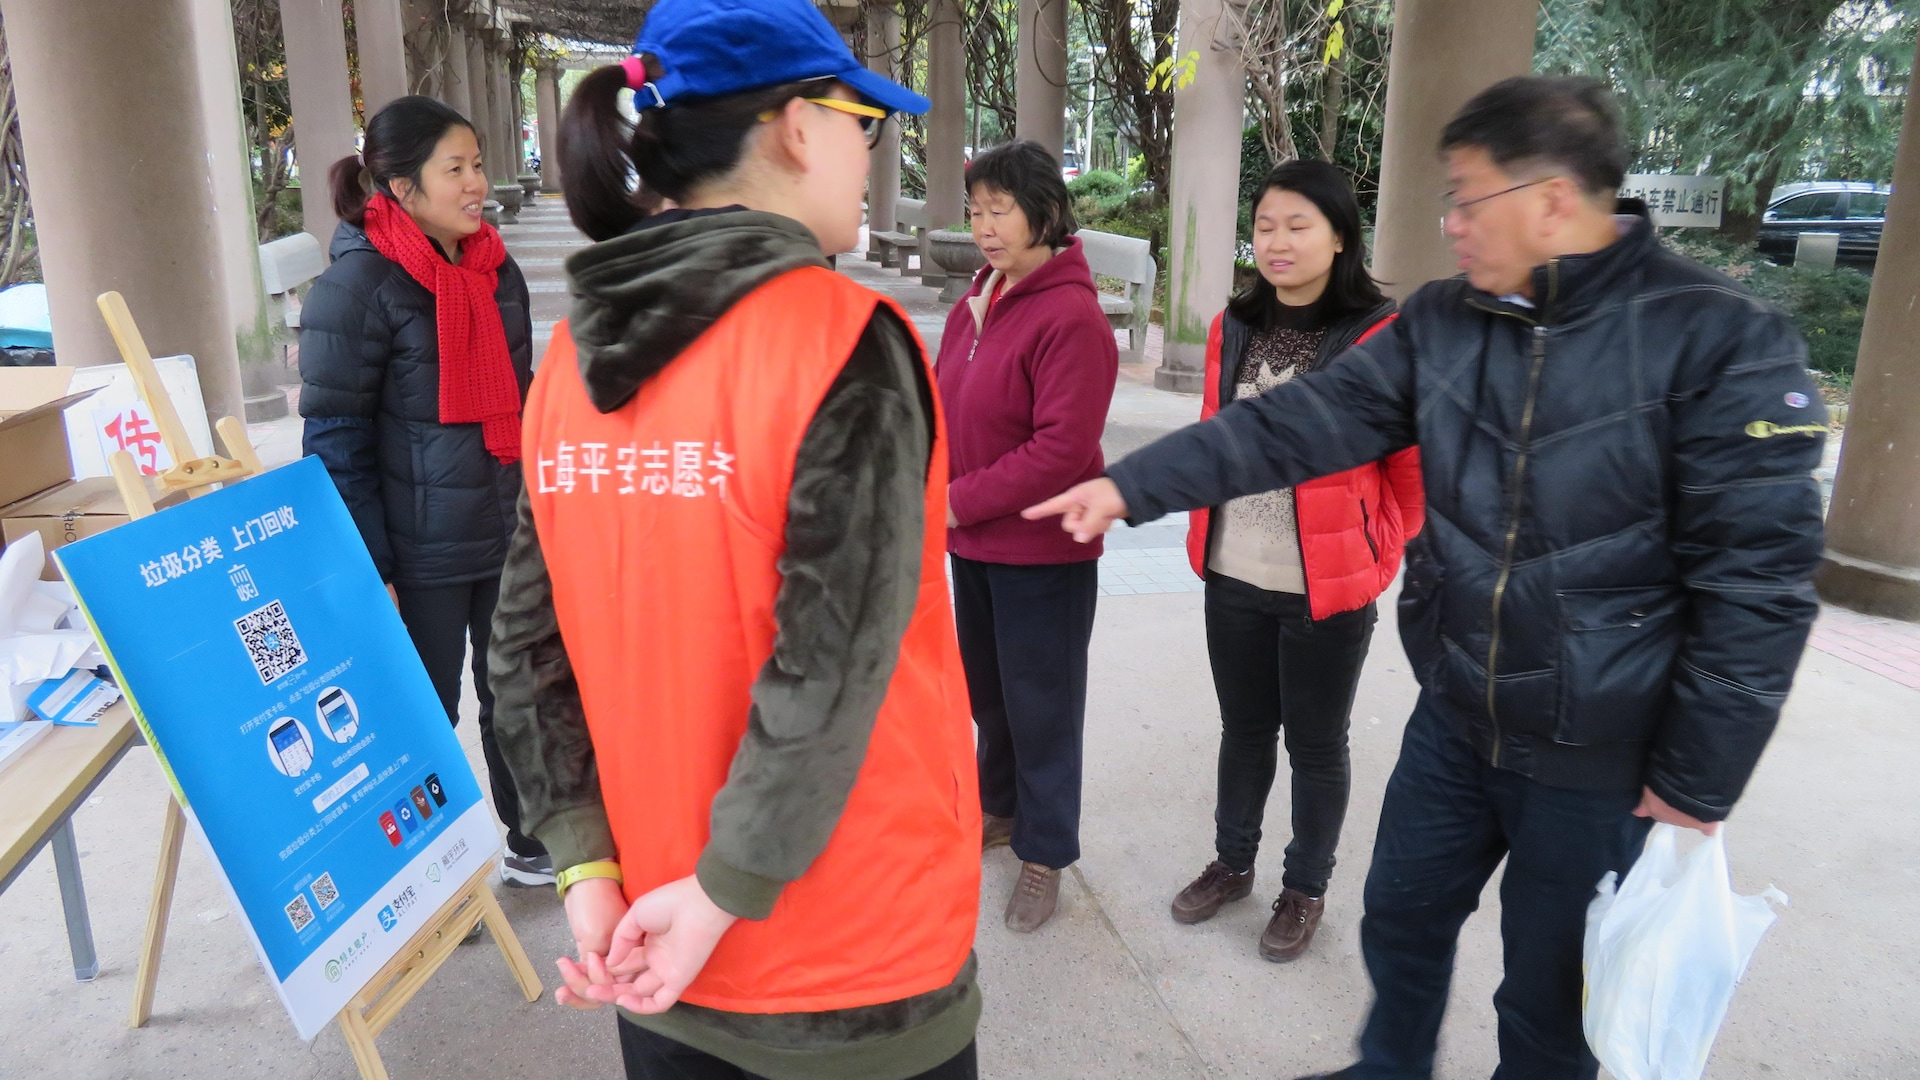 Campagne de recyclage en utilisant la plateforme Alipay. Shanghai, décembre 2018.